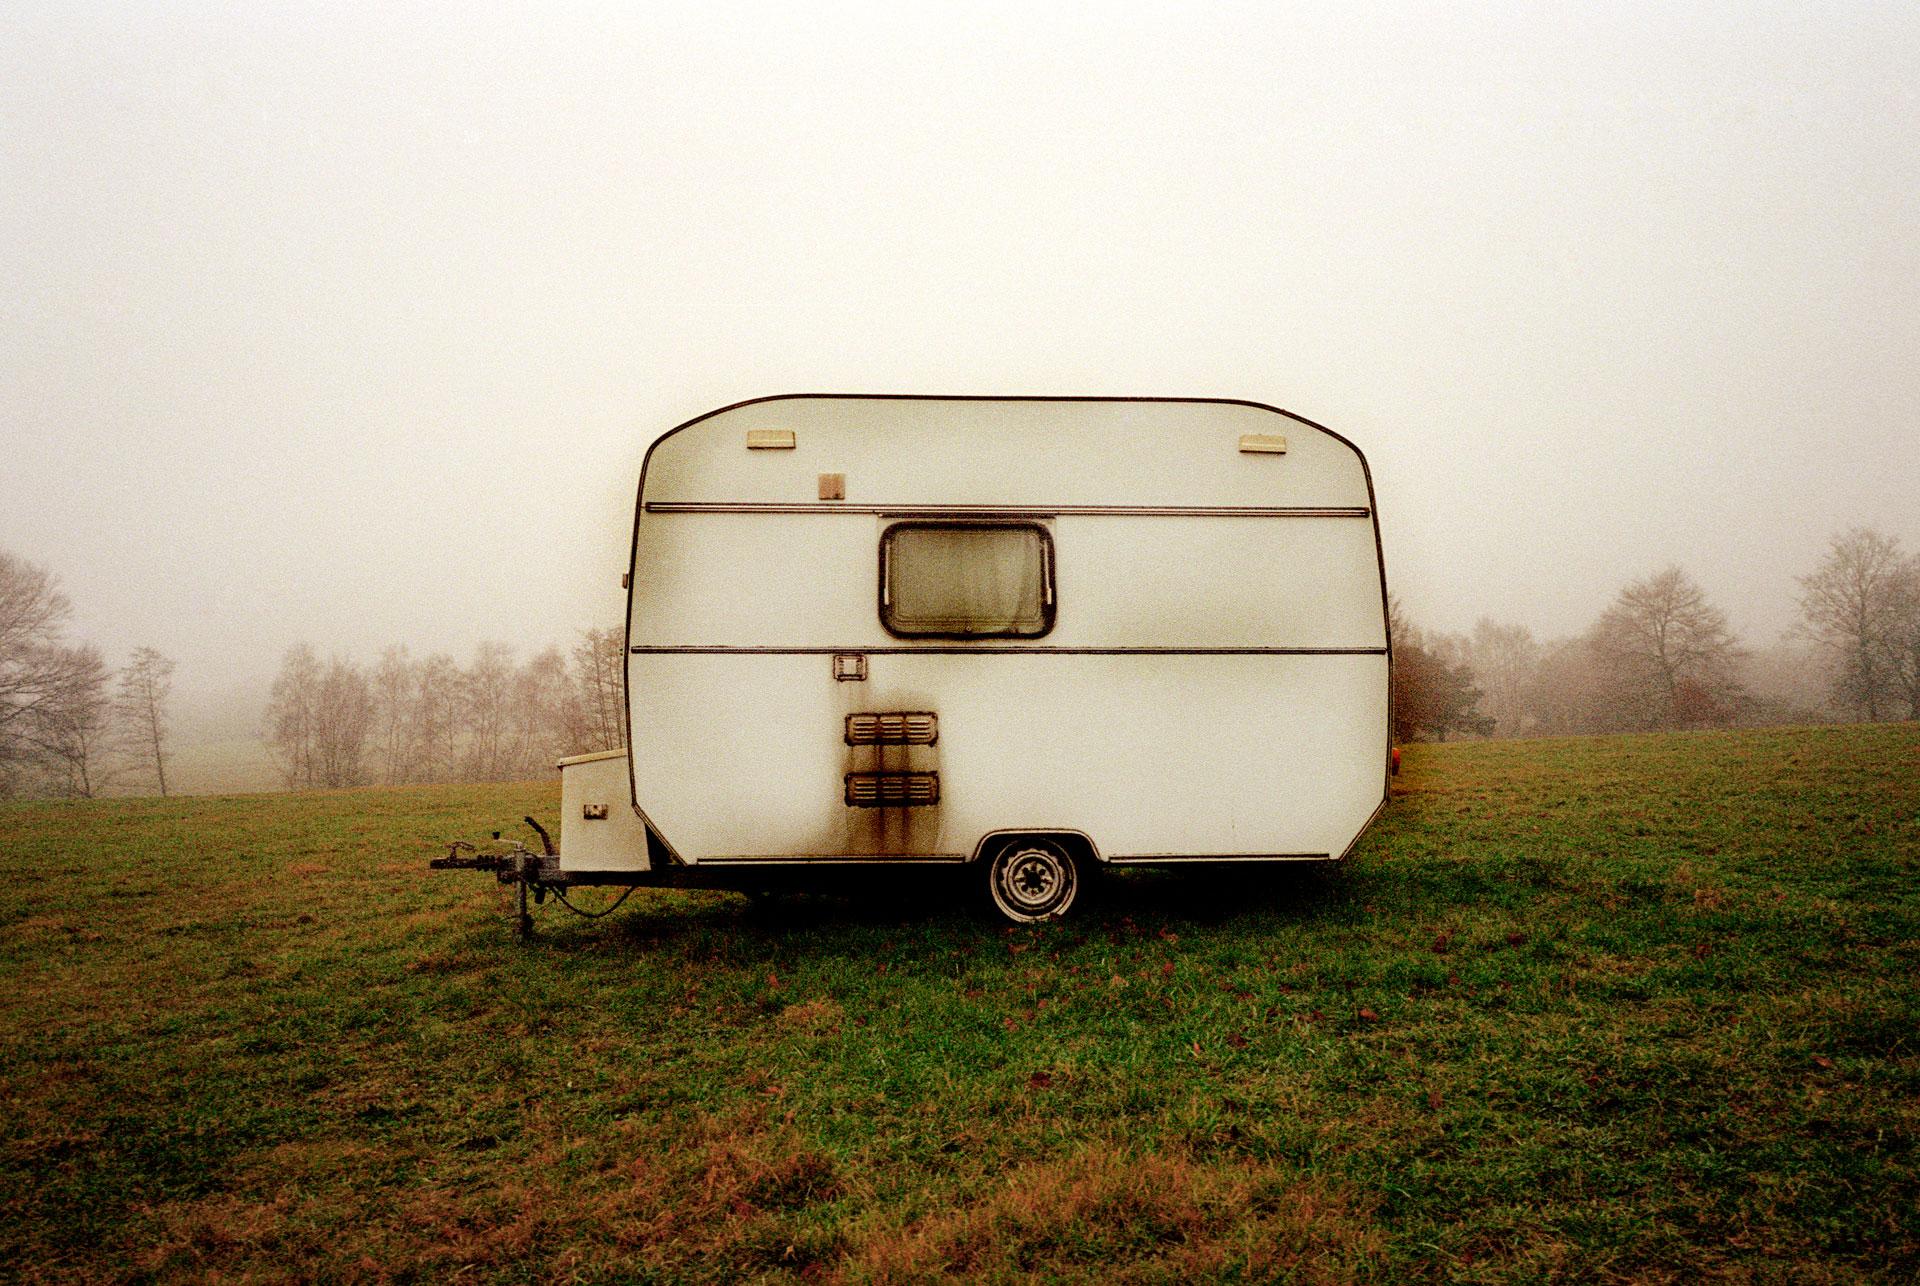 Jason Florio photography - color image of a lone vintage caravan in a dawn field, Surrey, England